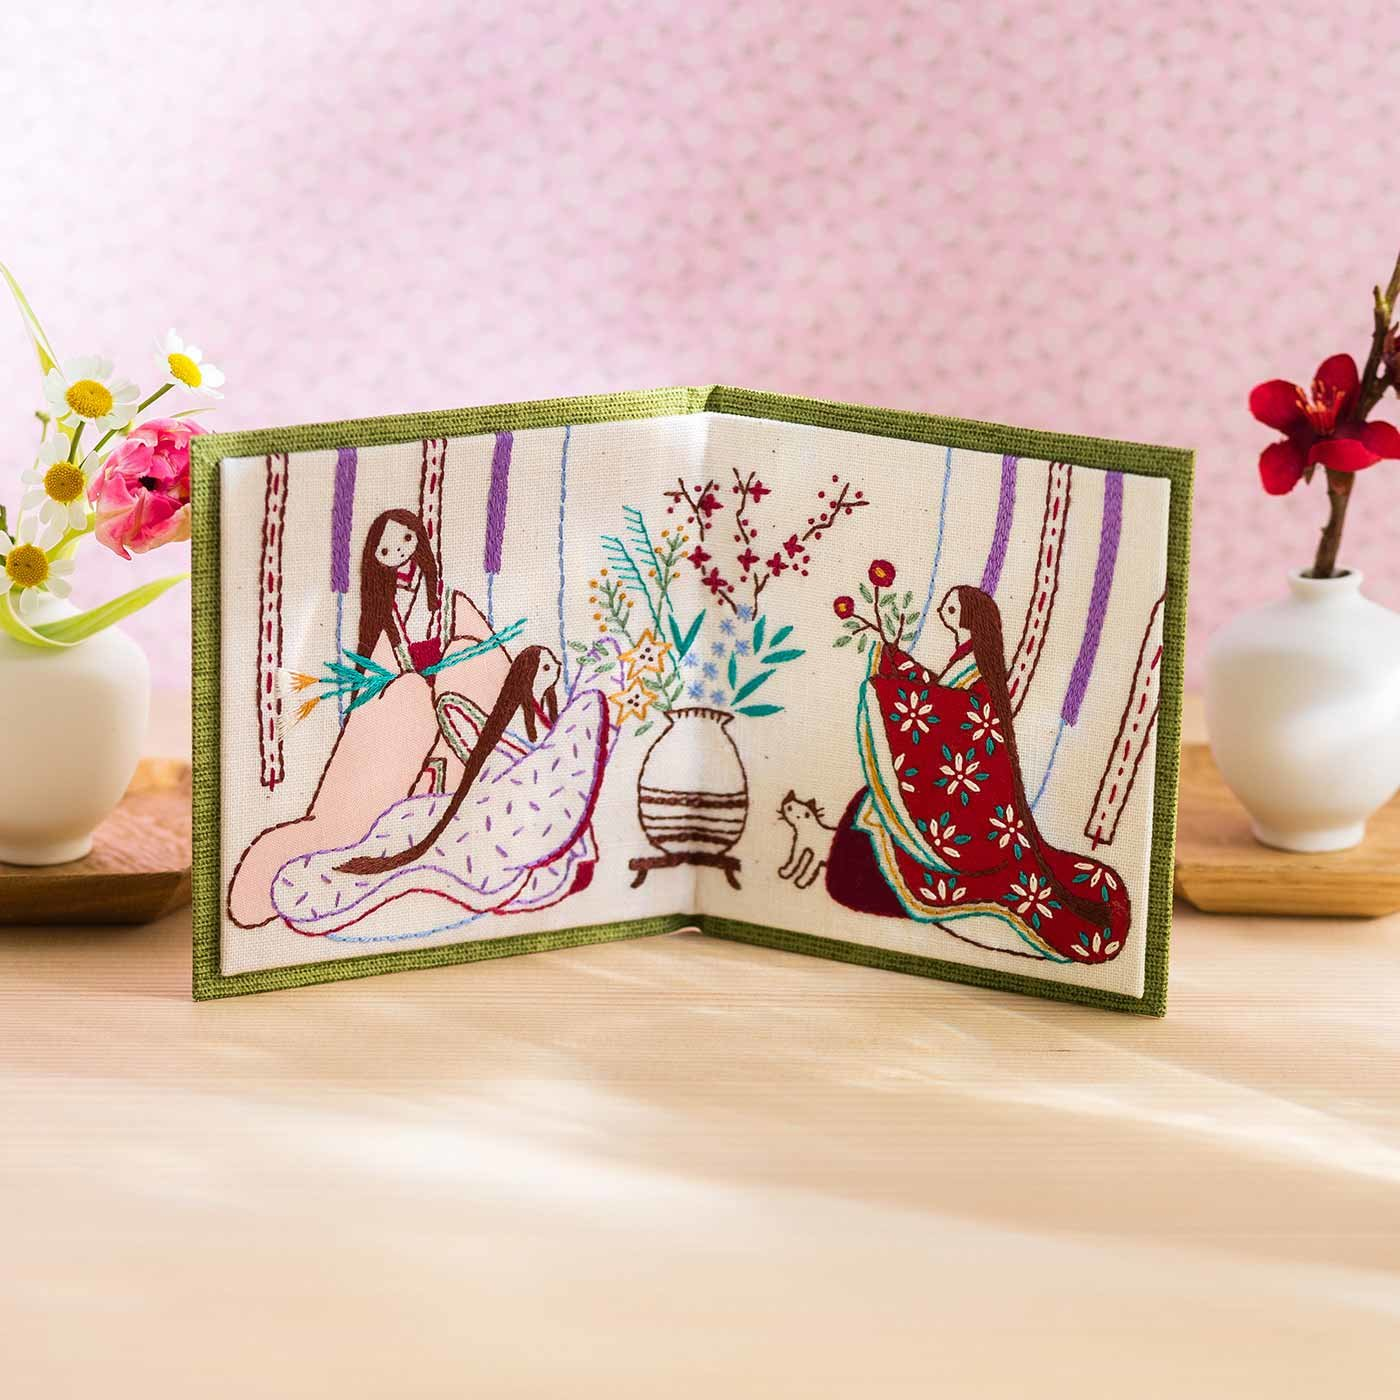 風流にめぐる季節 コンパクトに飾る12ヵ月の刺しゅうミニ屏風(びょうぶ)の会(期間予約)